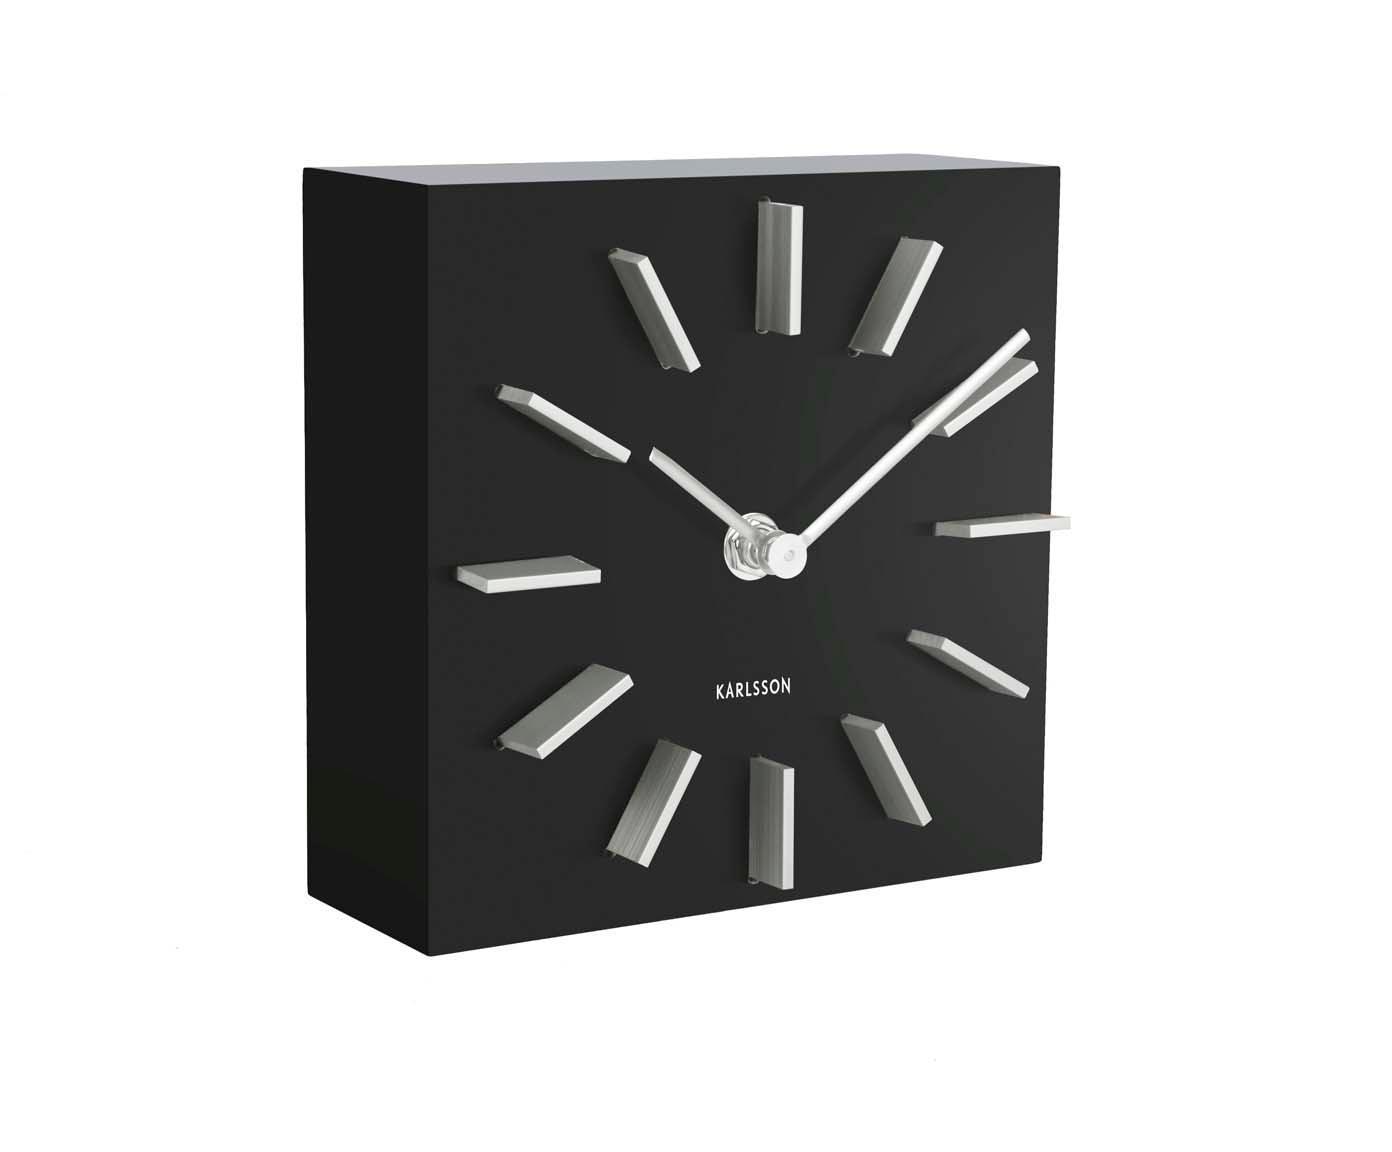 Orologio Discreet, Pannello di fibra a media densità (MDF), Nero, bianco, Larg. 15 x Alt. 15 cm